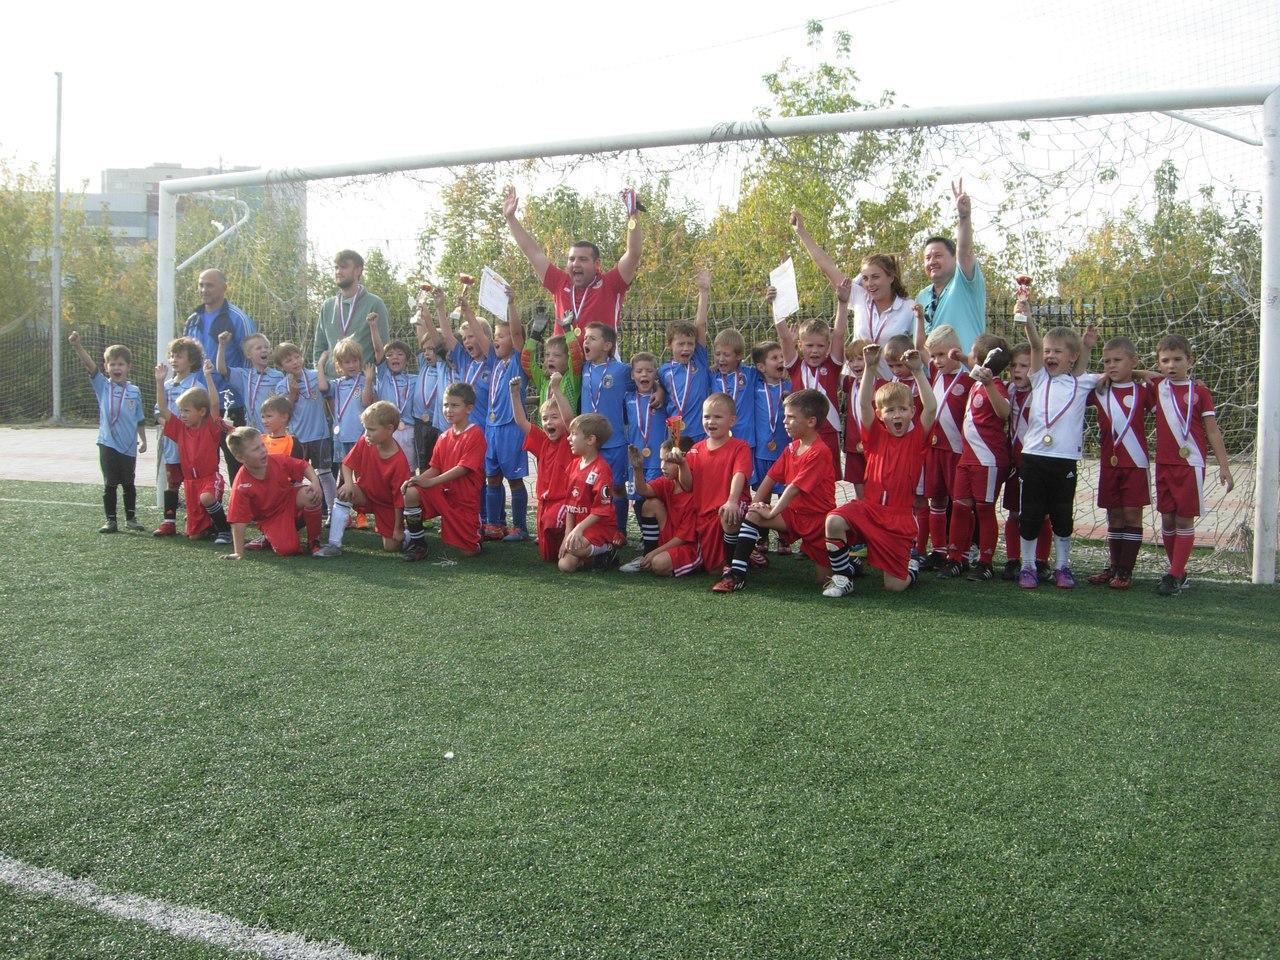 Приглашаем принять участие в турнире по футболу «Зимний Кубок Подольска-2018» среди детских команд 2007 г.р.